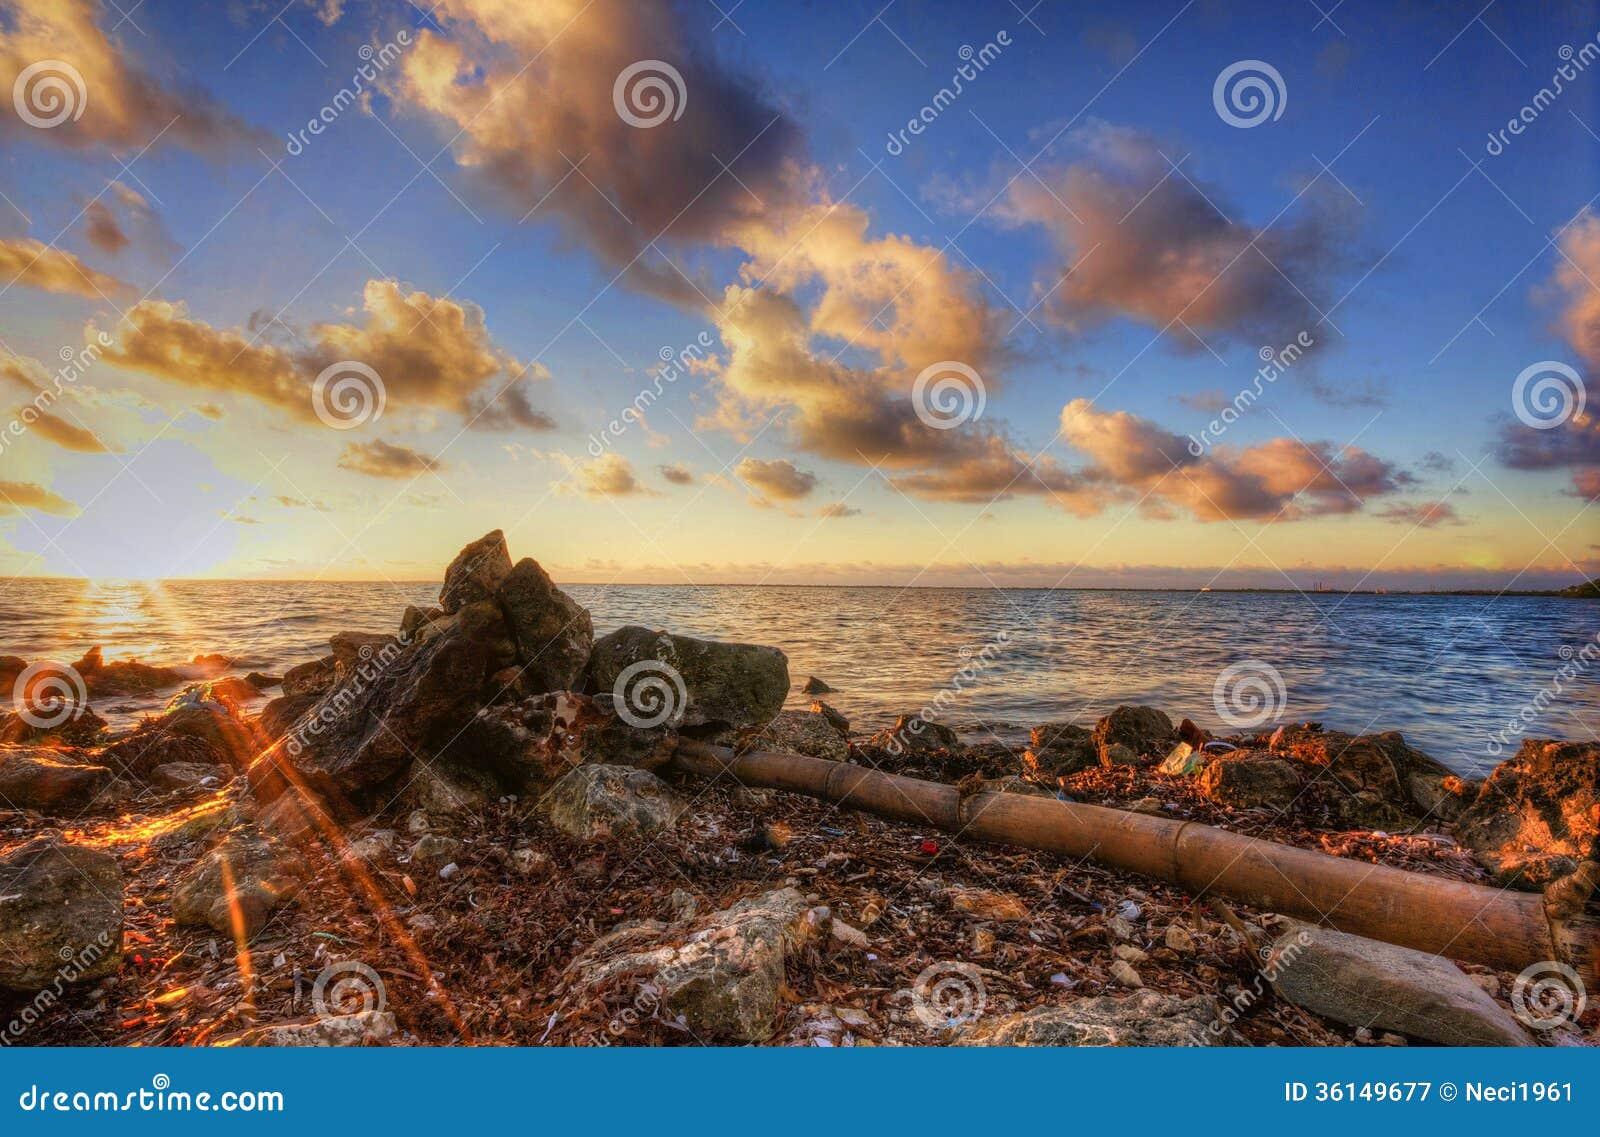 Ocean view at sunrise